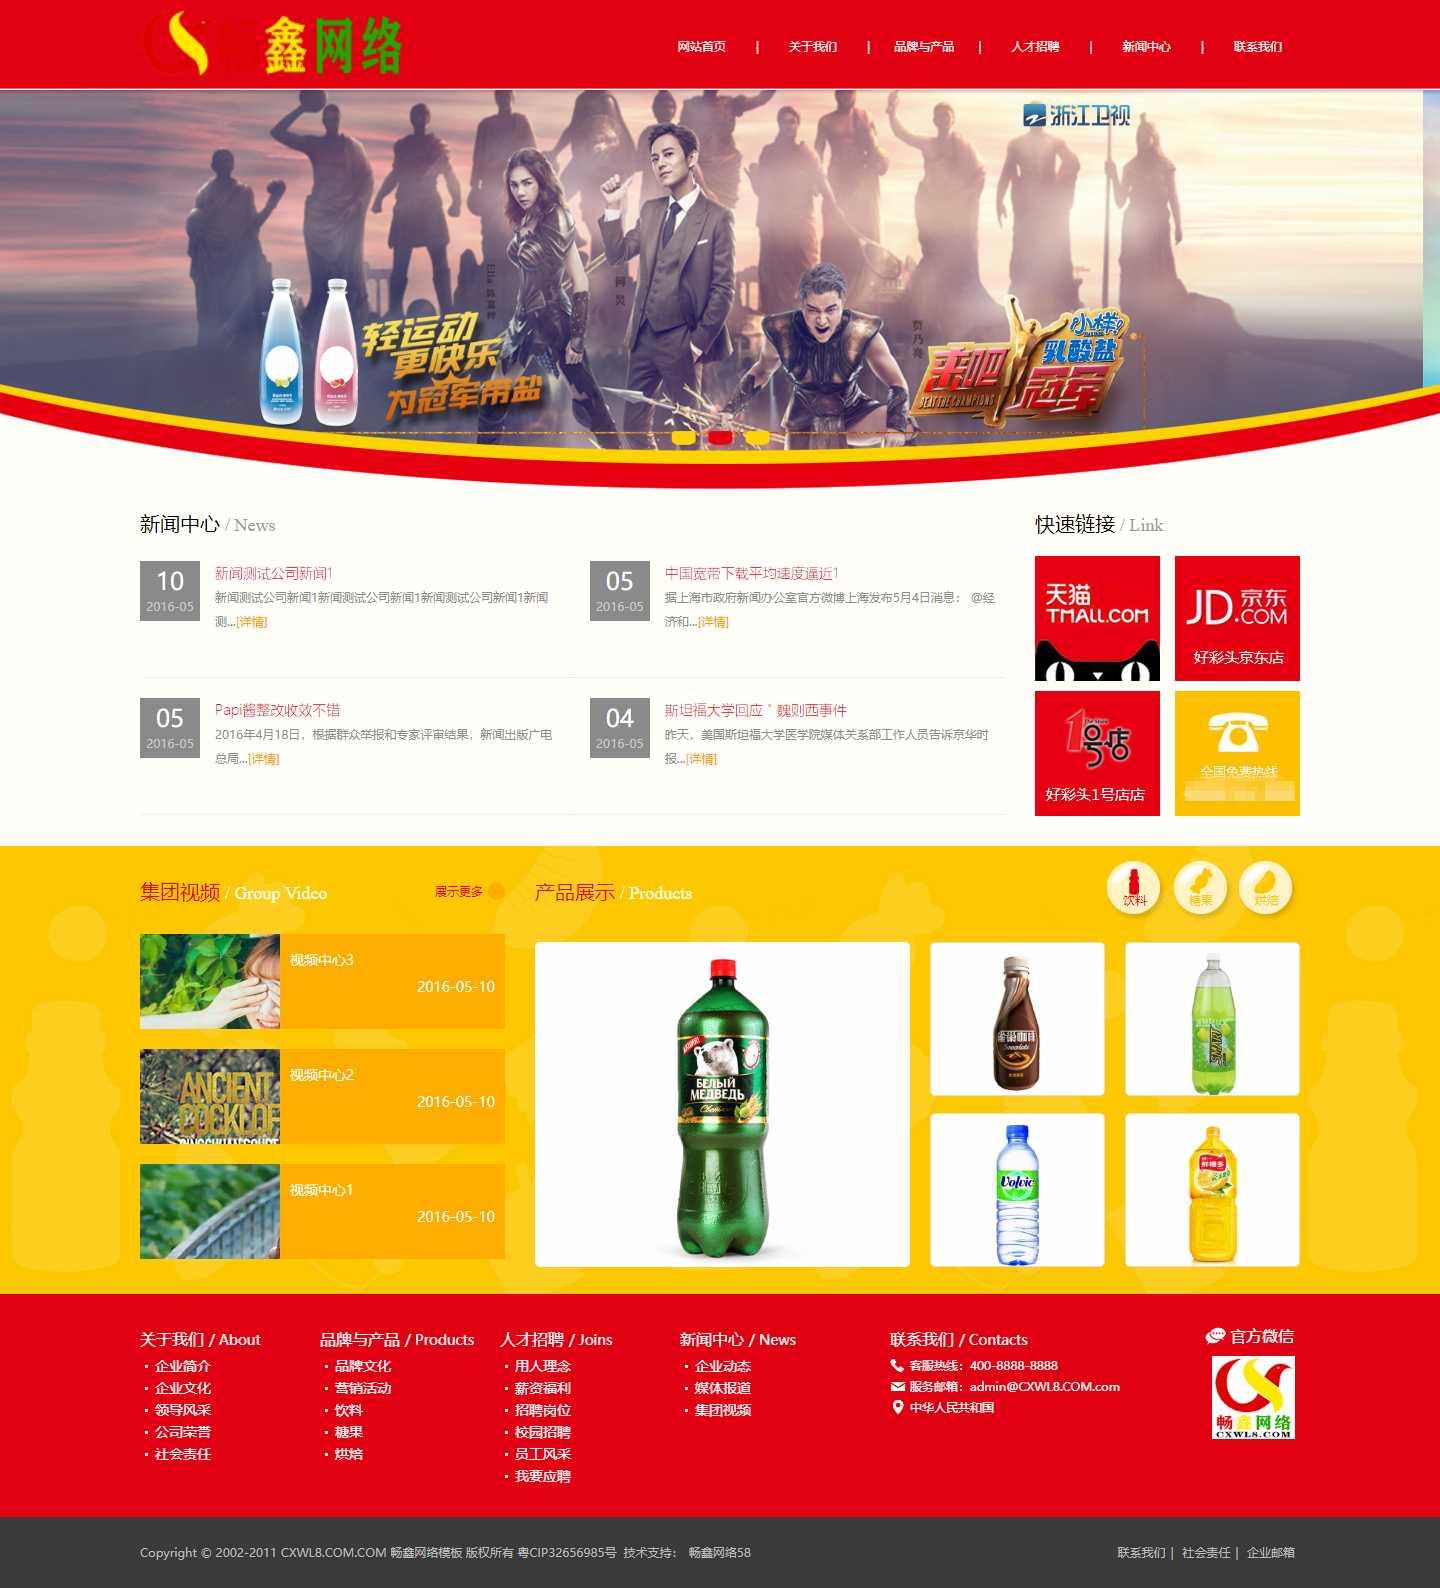 【J030】食品美食日用品通用营销型网站模板